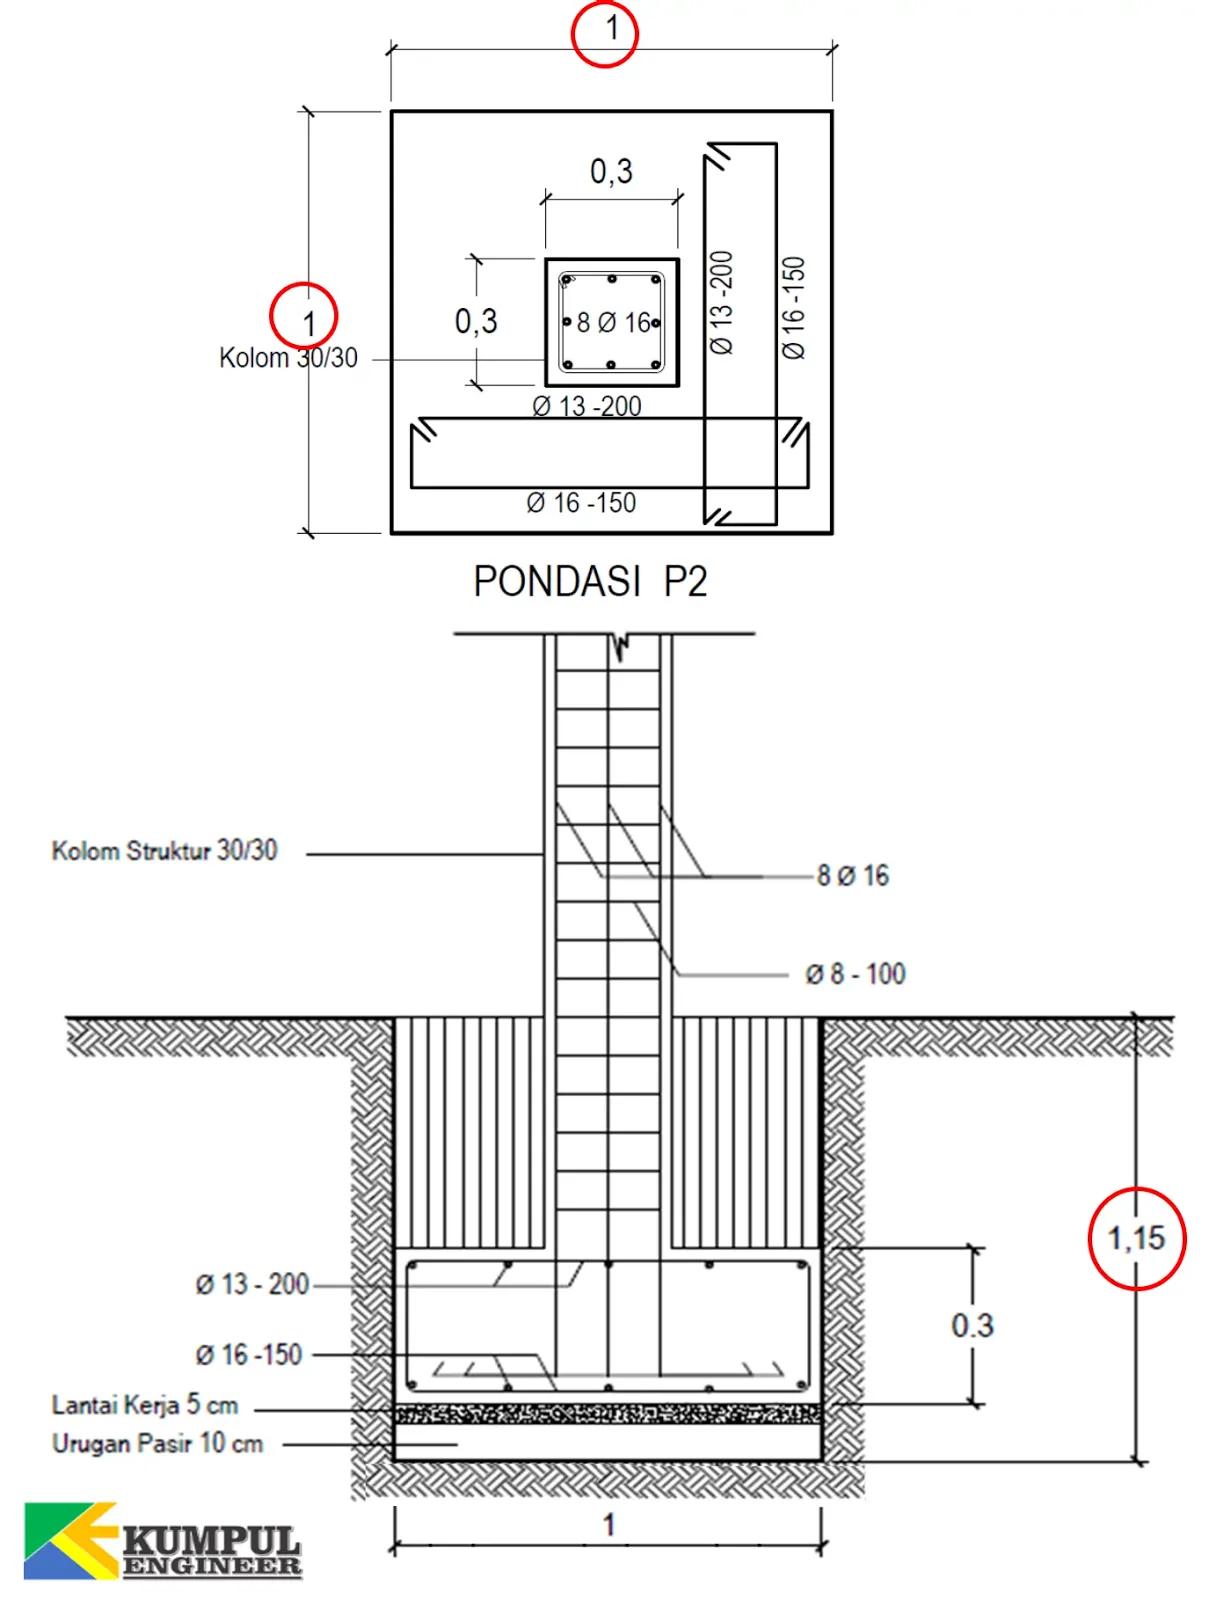 Cara Menghitung Volume Galian Struktur Untuk Fondasi Setempat Kumpul Engineer